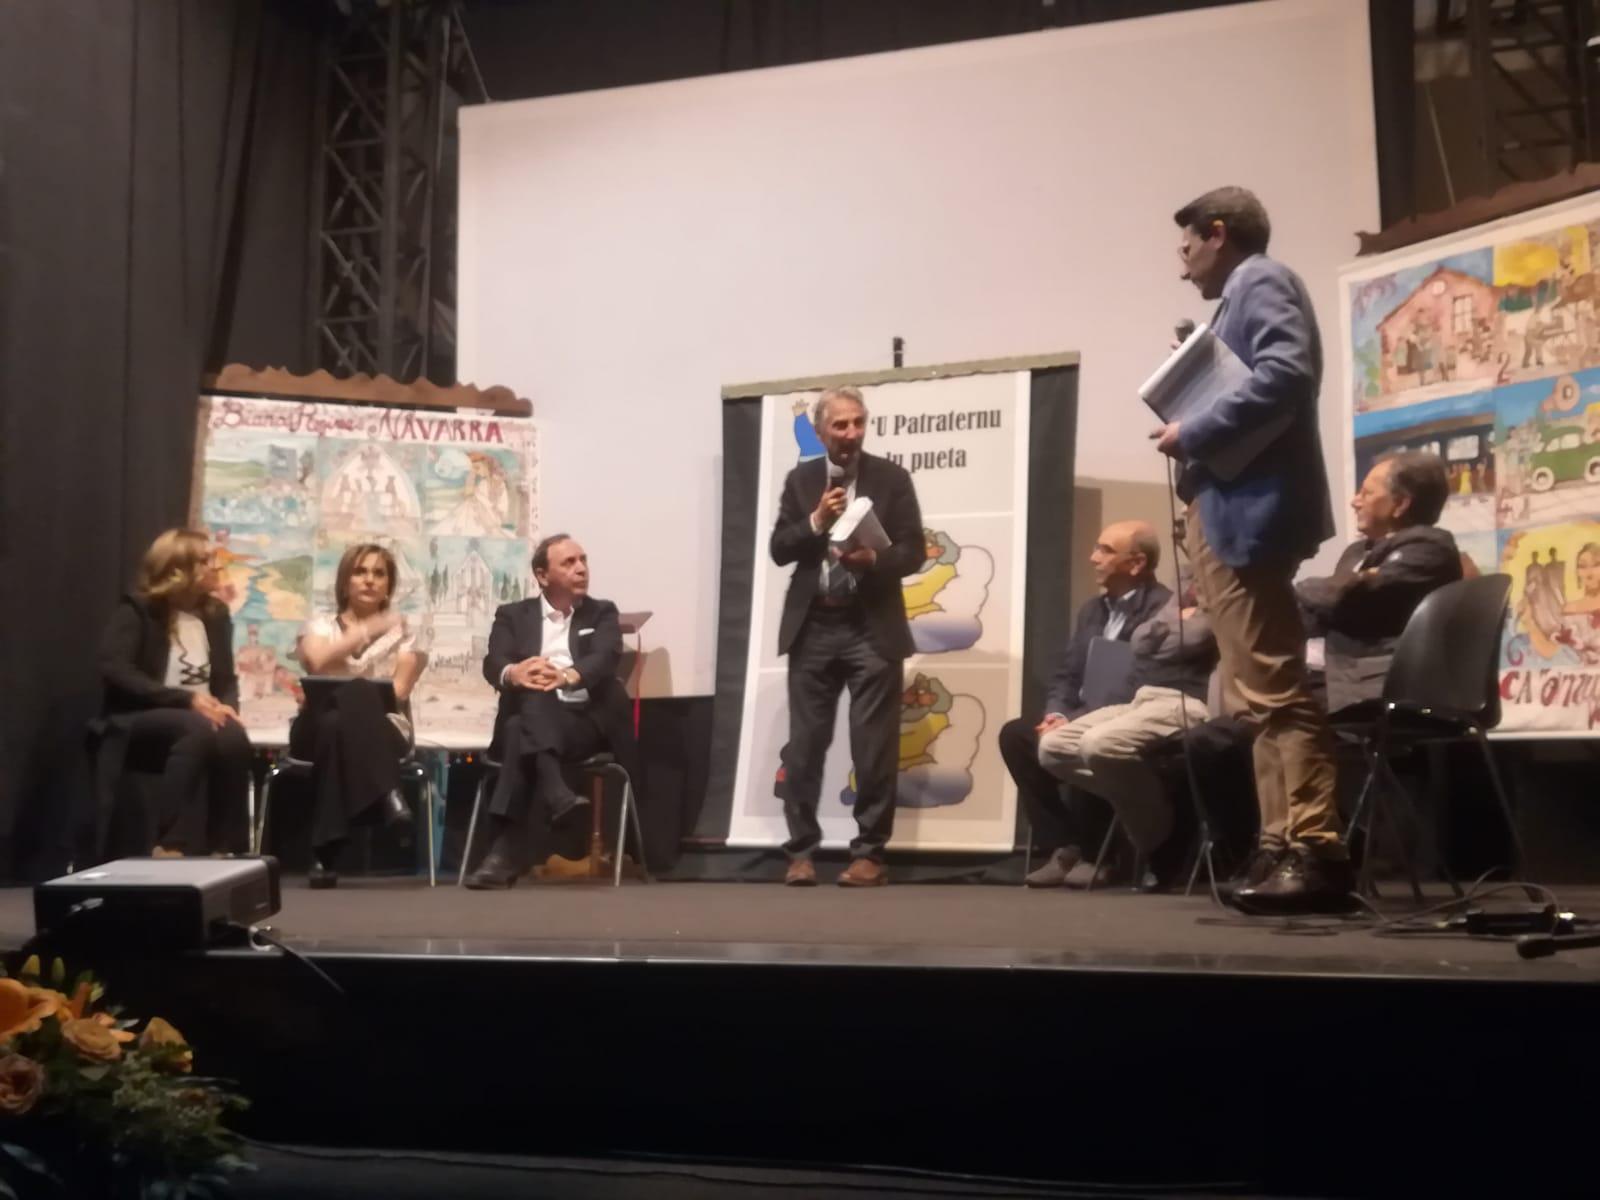 Un momento della manifestazione al Piccolo Teatro di Paternò